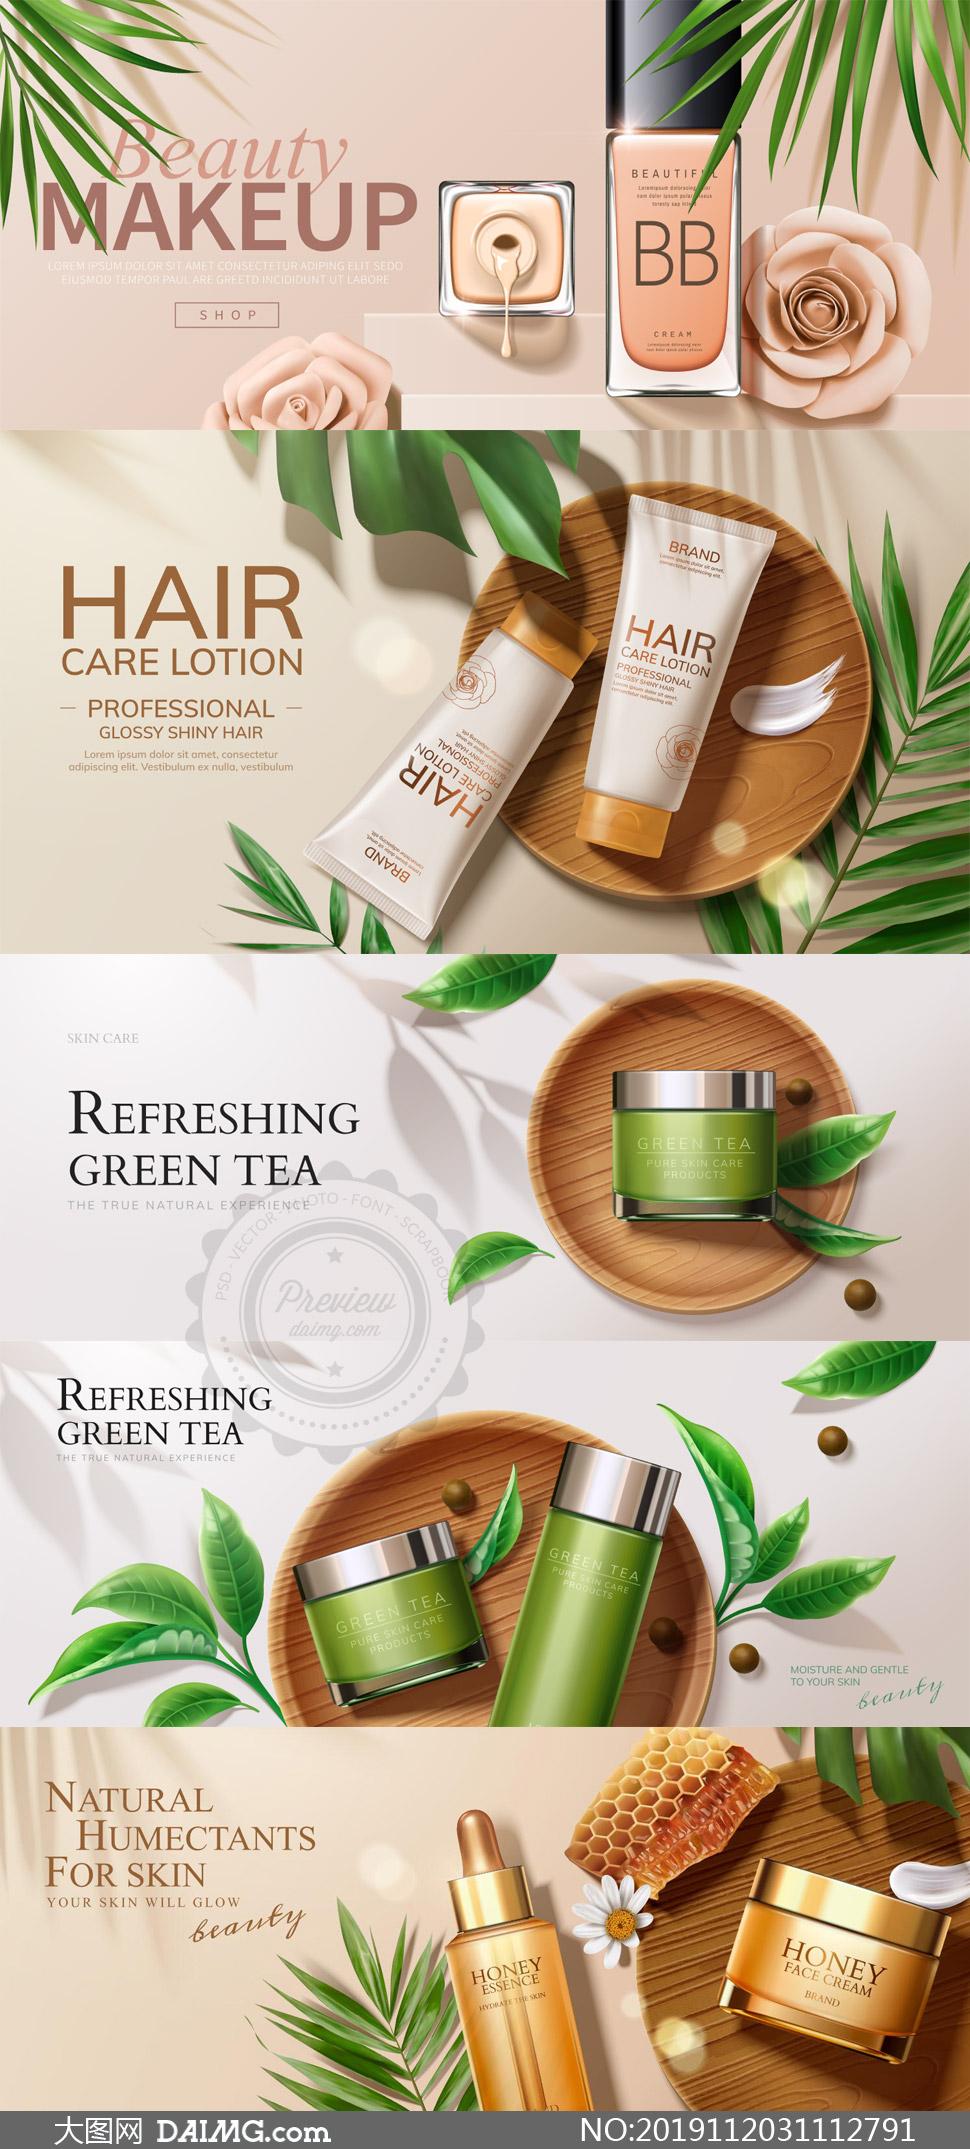 绿茶精华护肤产品海报广告矢量素材